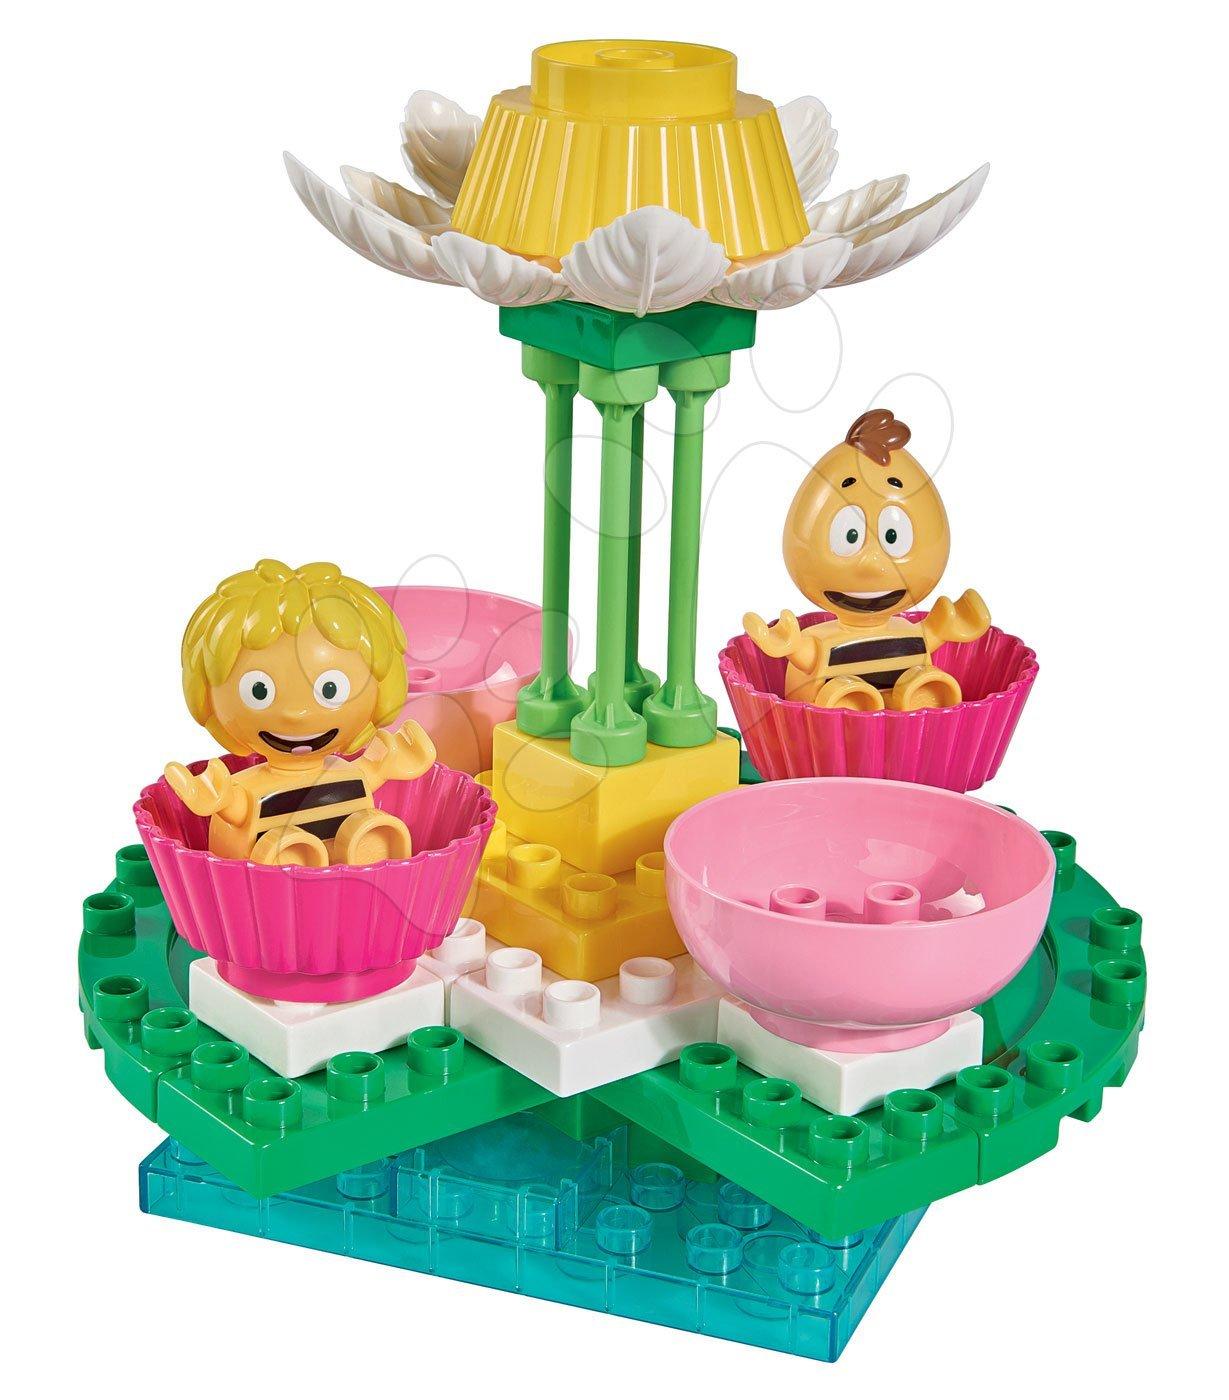 Építőjáték Maja a méhecske hintán PlayBIG Bloxx BIG 2 figurával és 38 részes 24 hó-tól